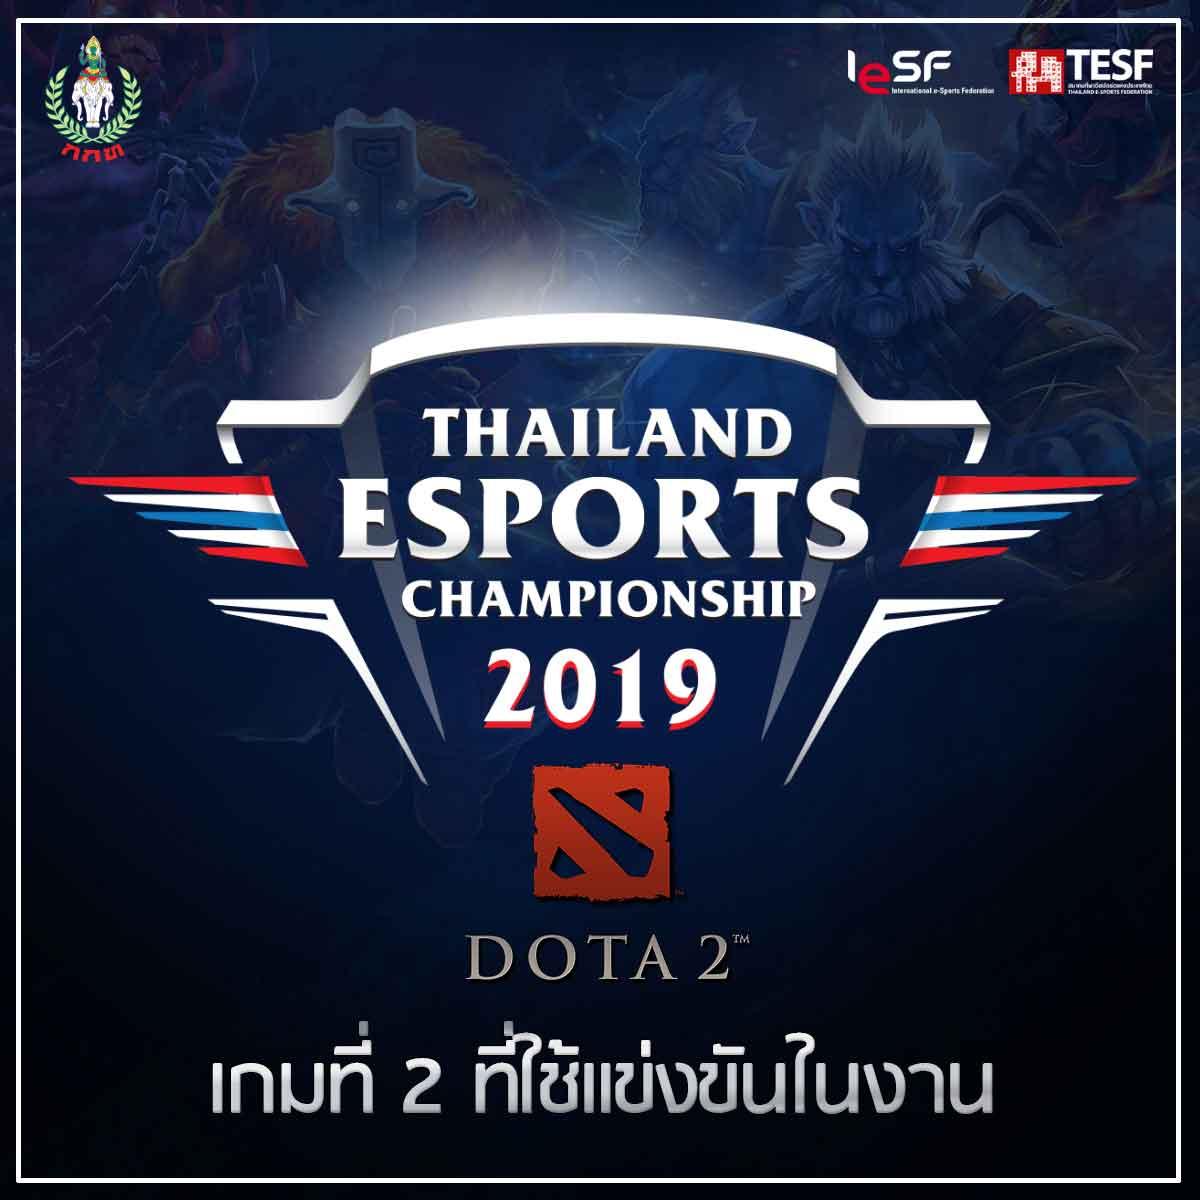 Thailnd Esports 1492019 2